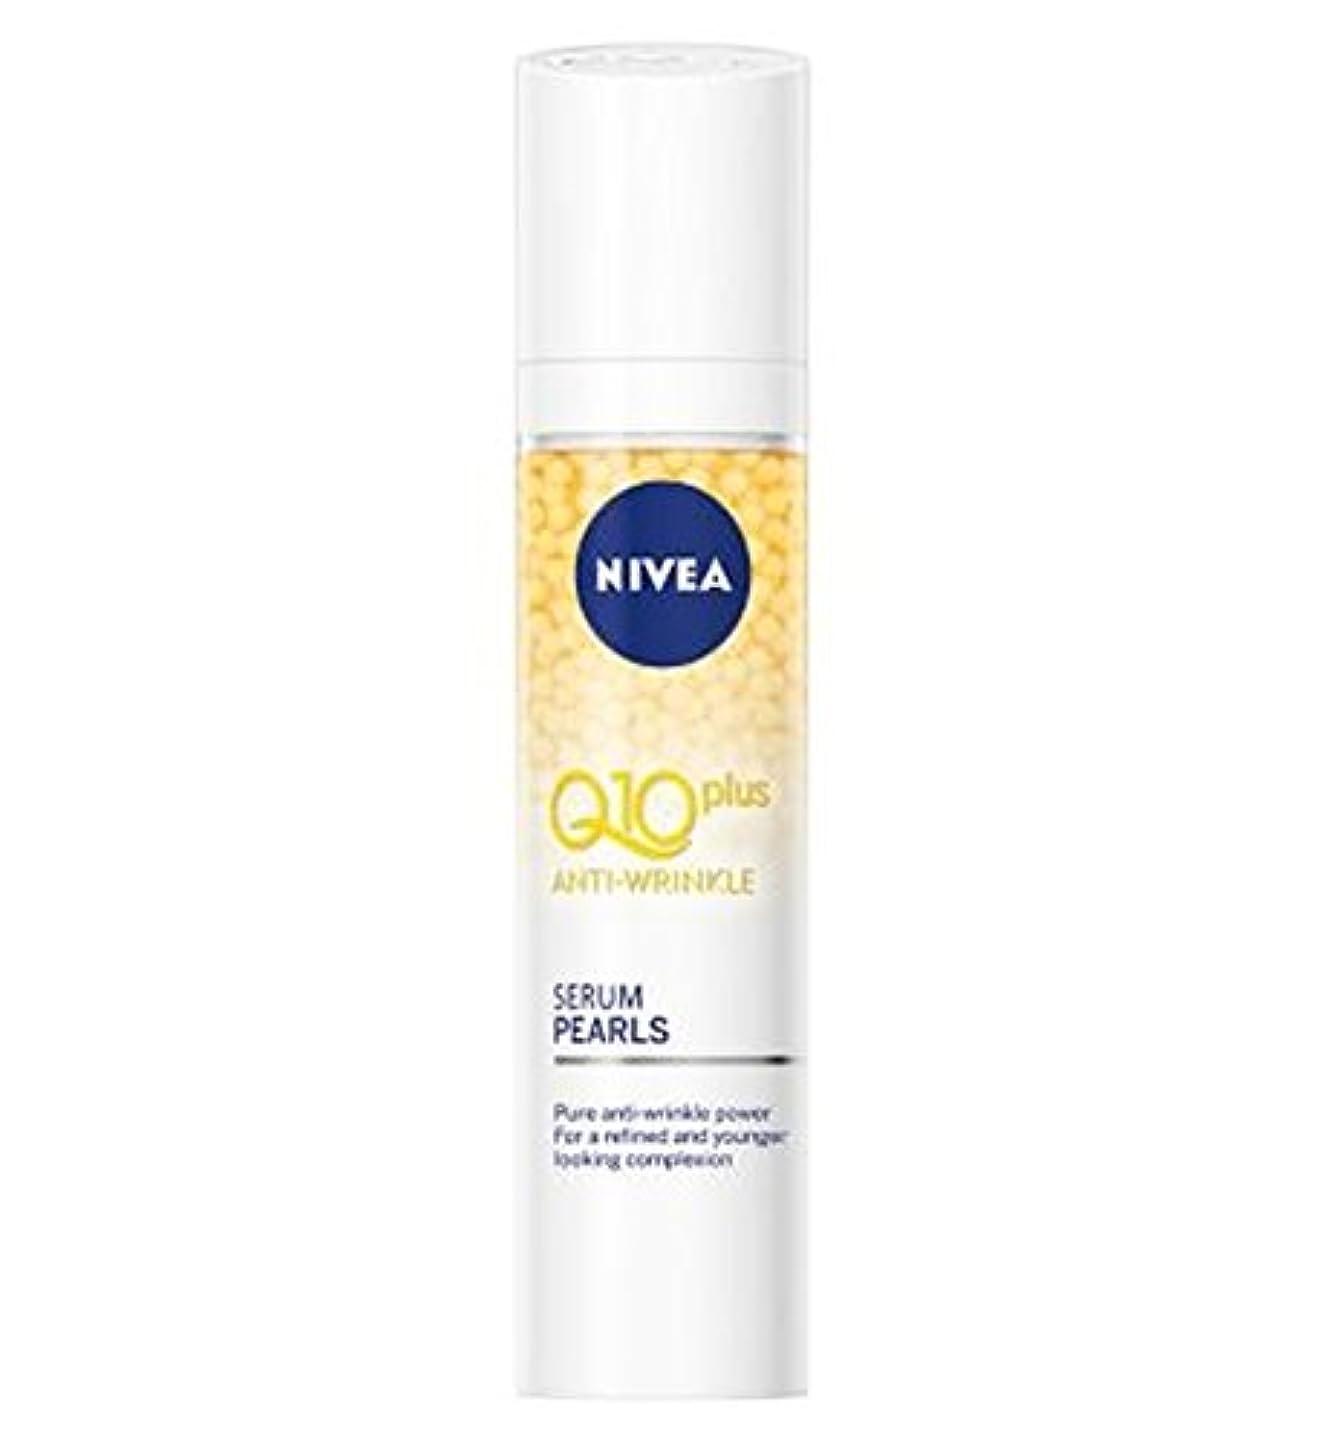 トリップシーン課すNIVEA? Q10 Plus Anti-Wrinkle Serum Pearls 40ml - Nivea?Q10をプラス抗しわ血清真珠40ミリリットル (Nivea) [並行輸入品]